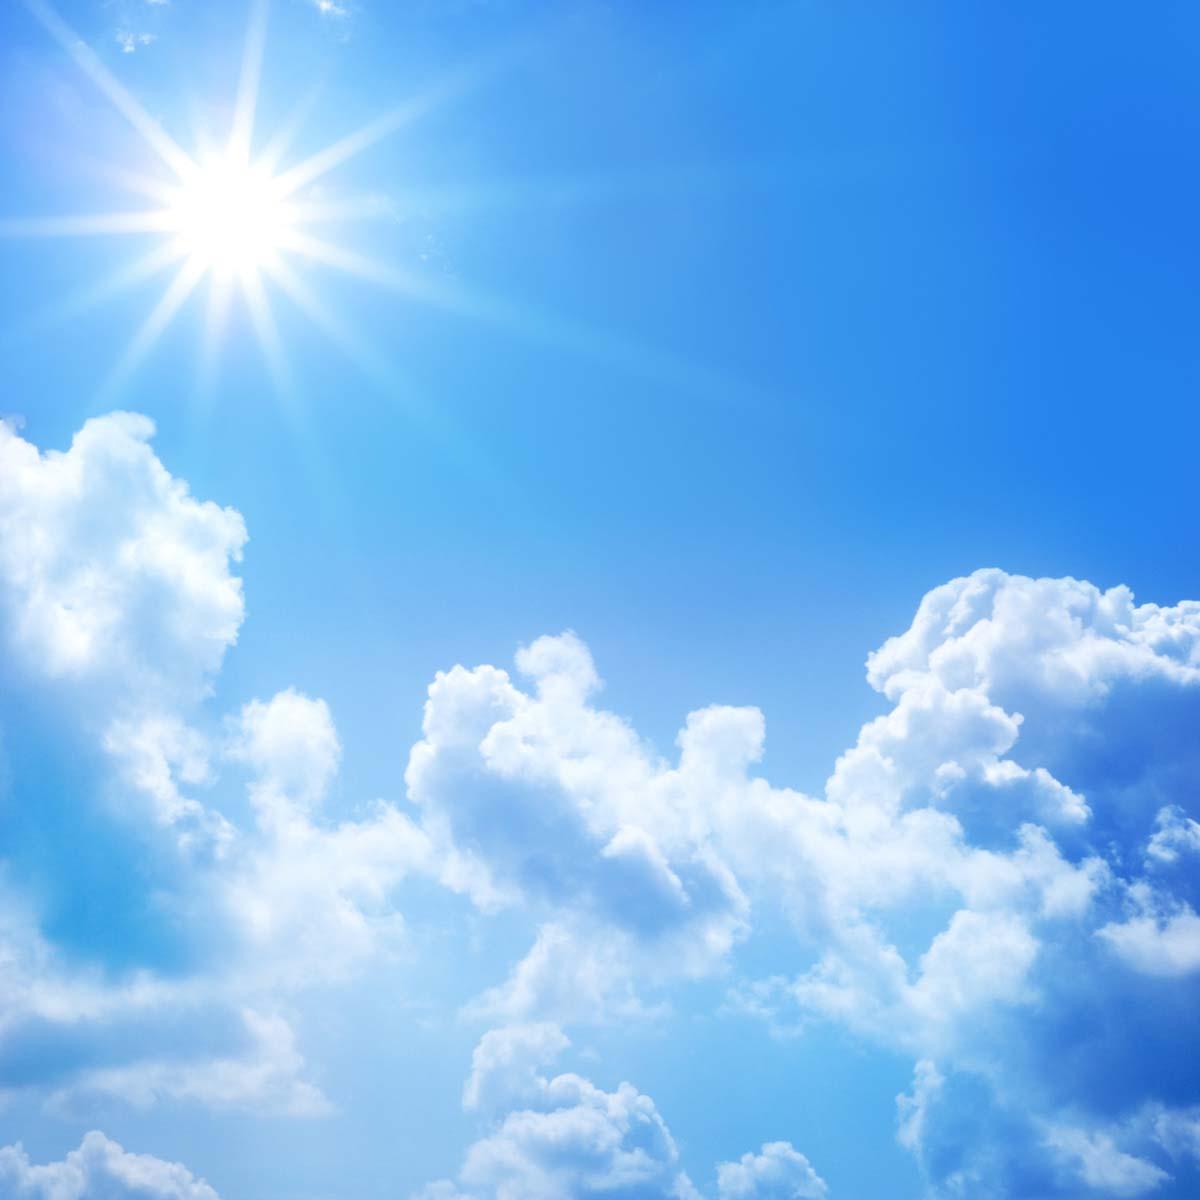 Hình ảnh trời nắng trong xanh đẹp